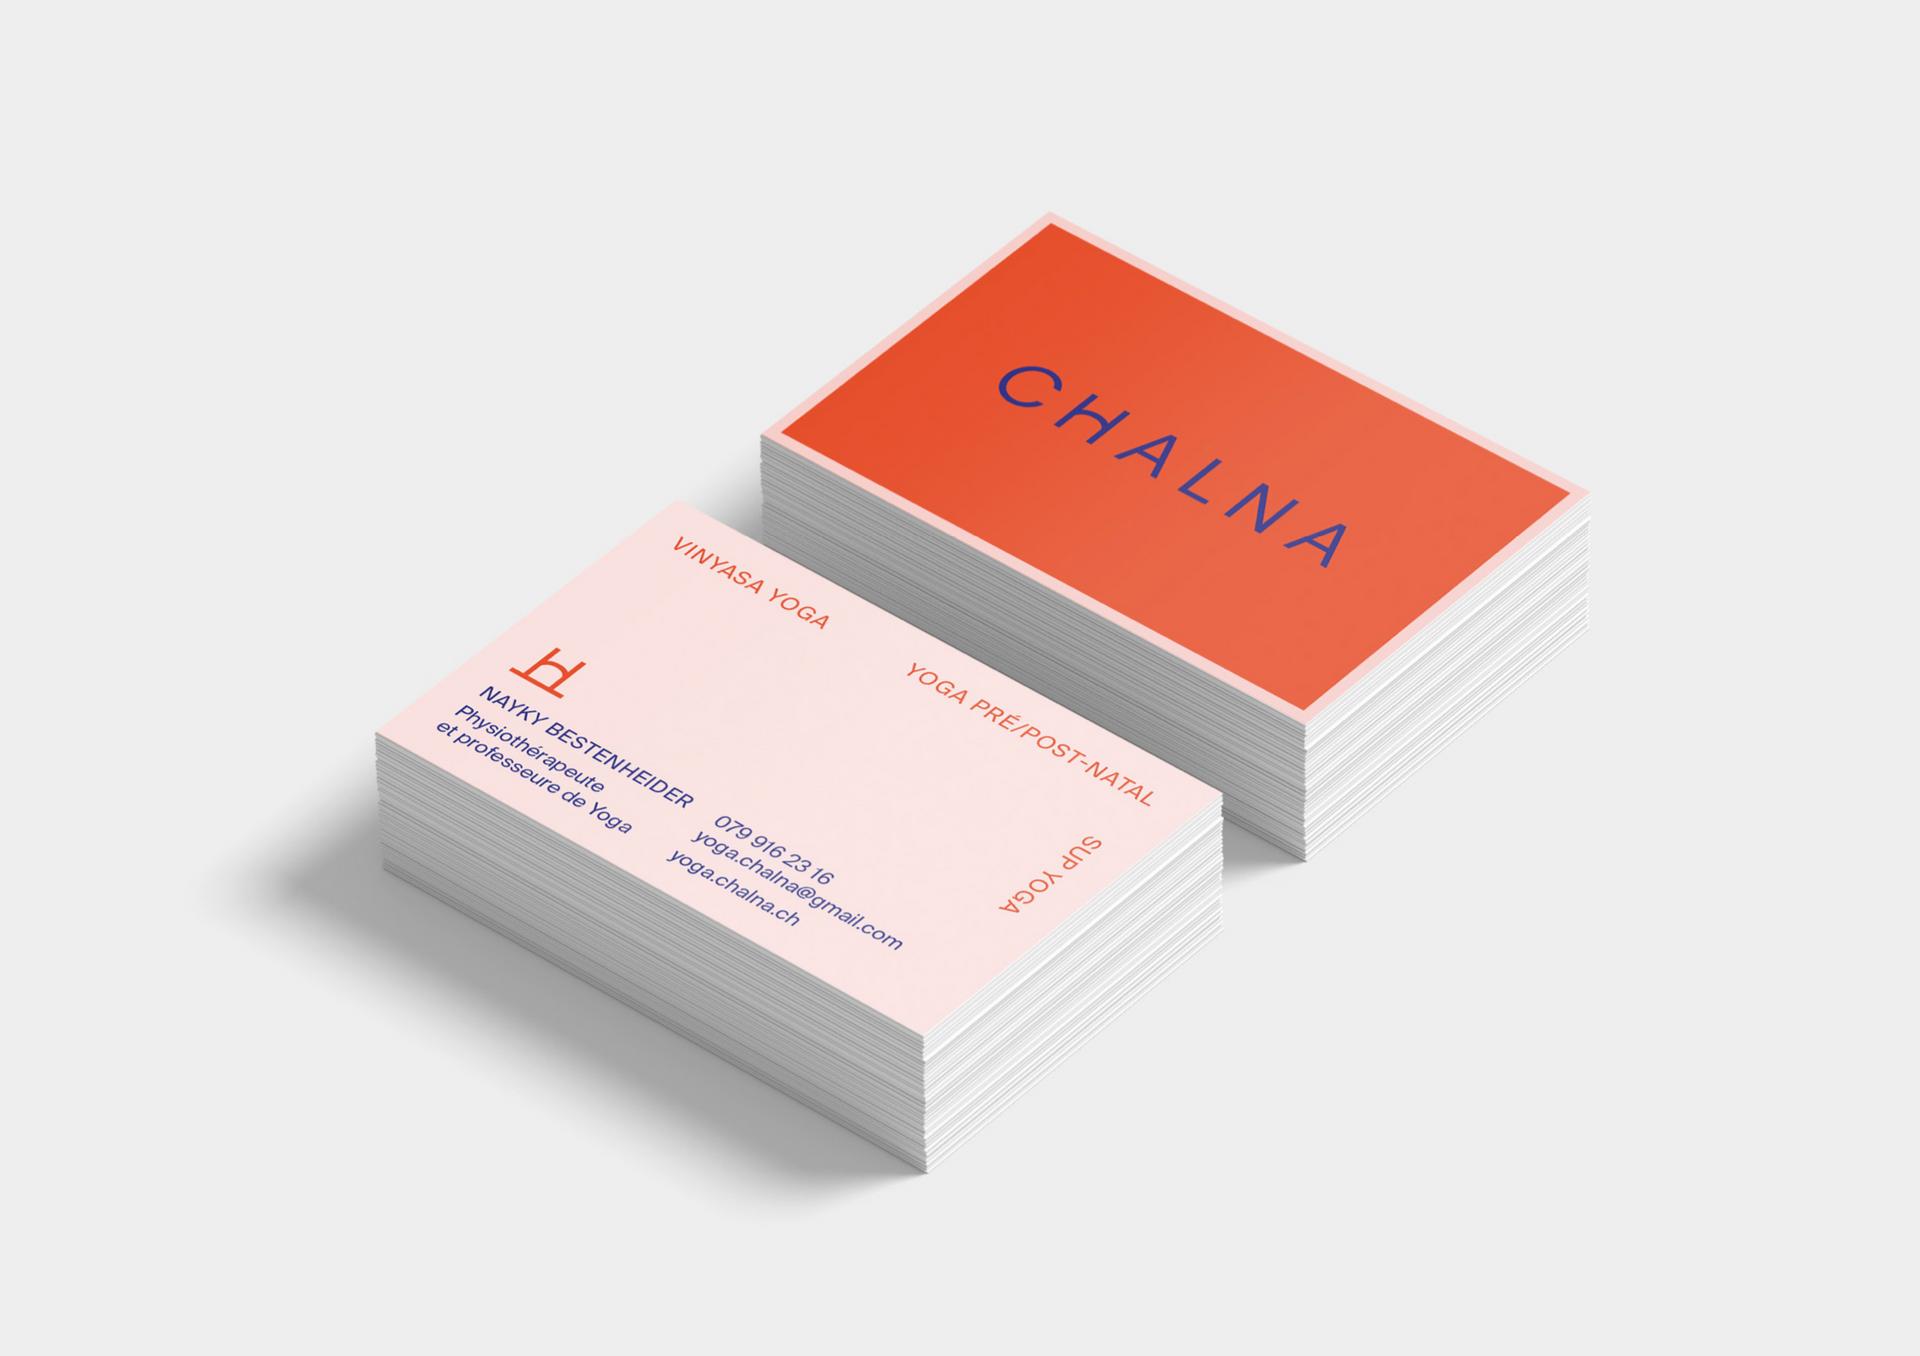 Chalna